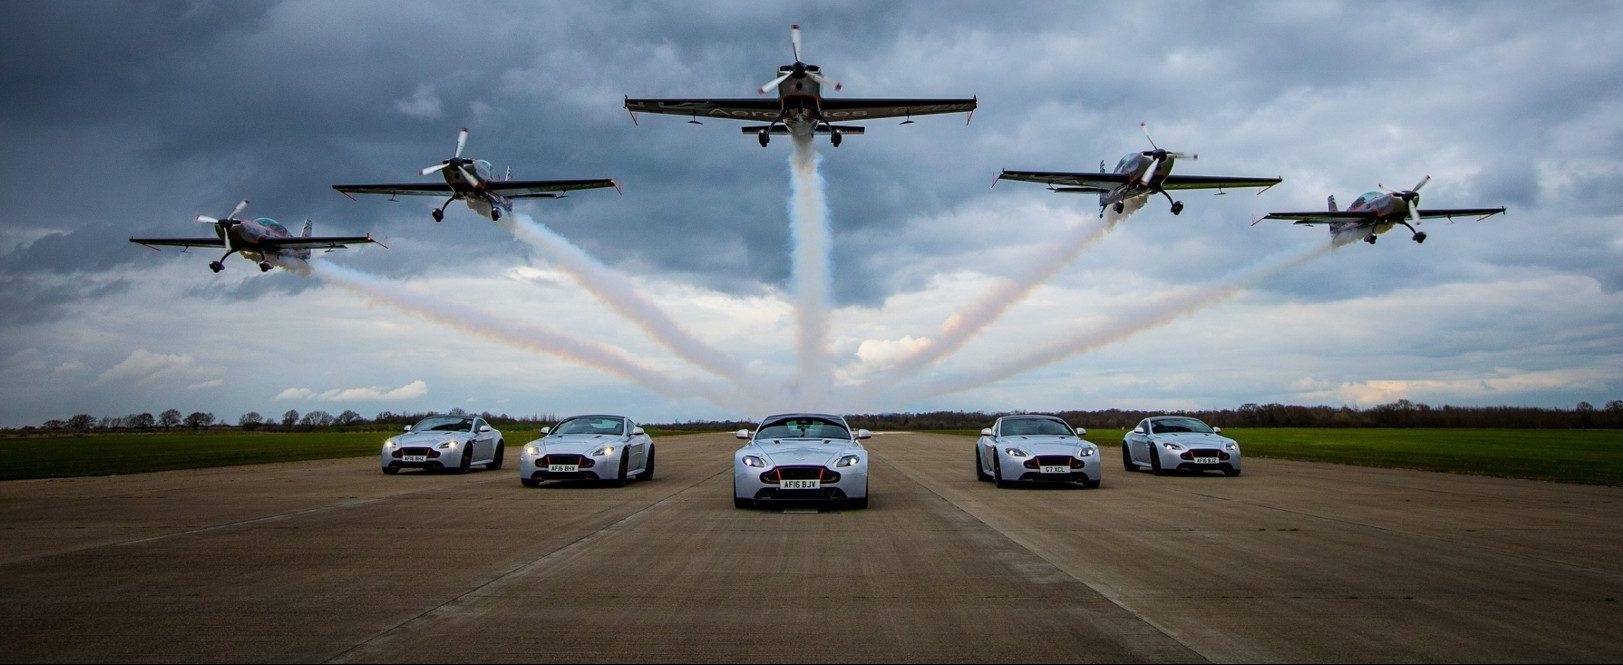 Aston Martin Vantage - Sywell Aerodrome